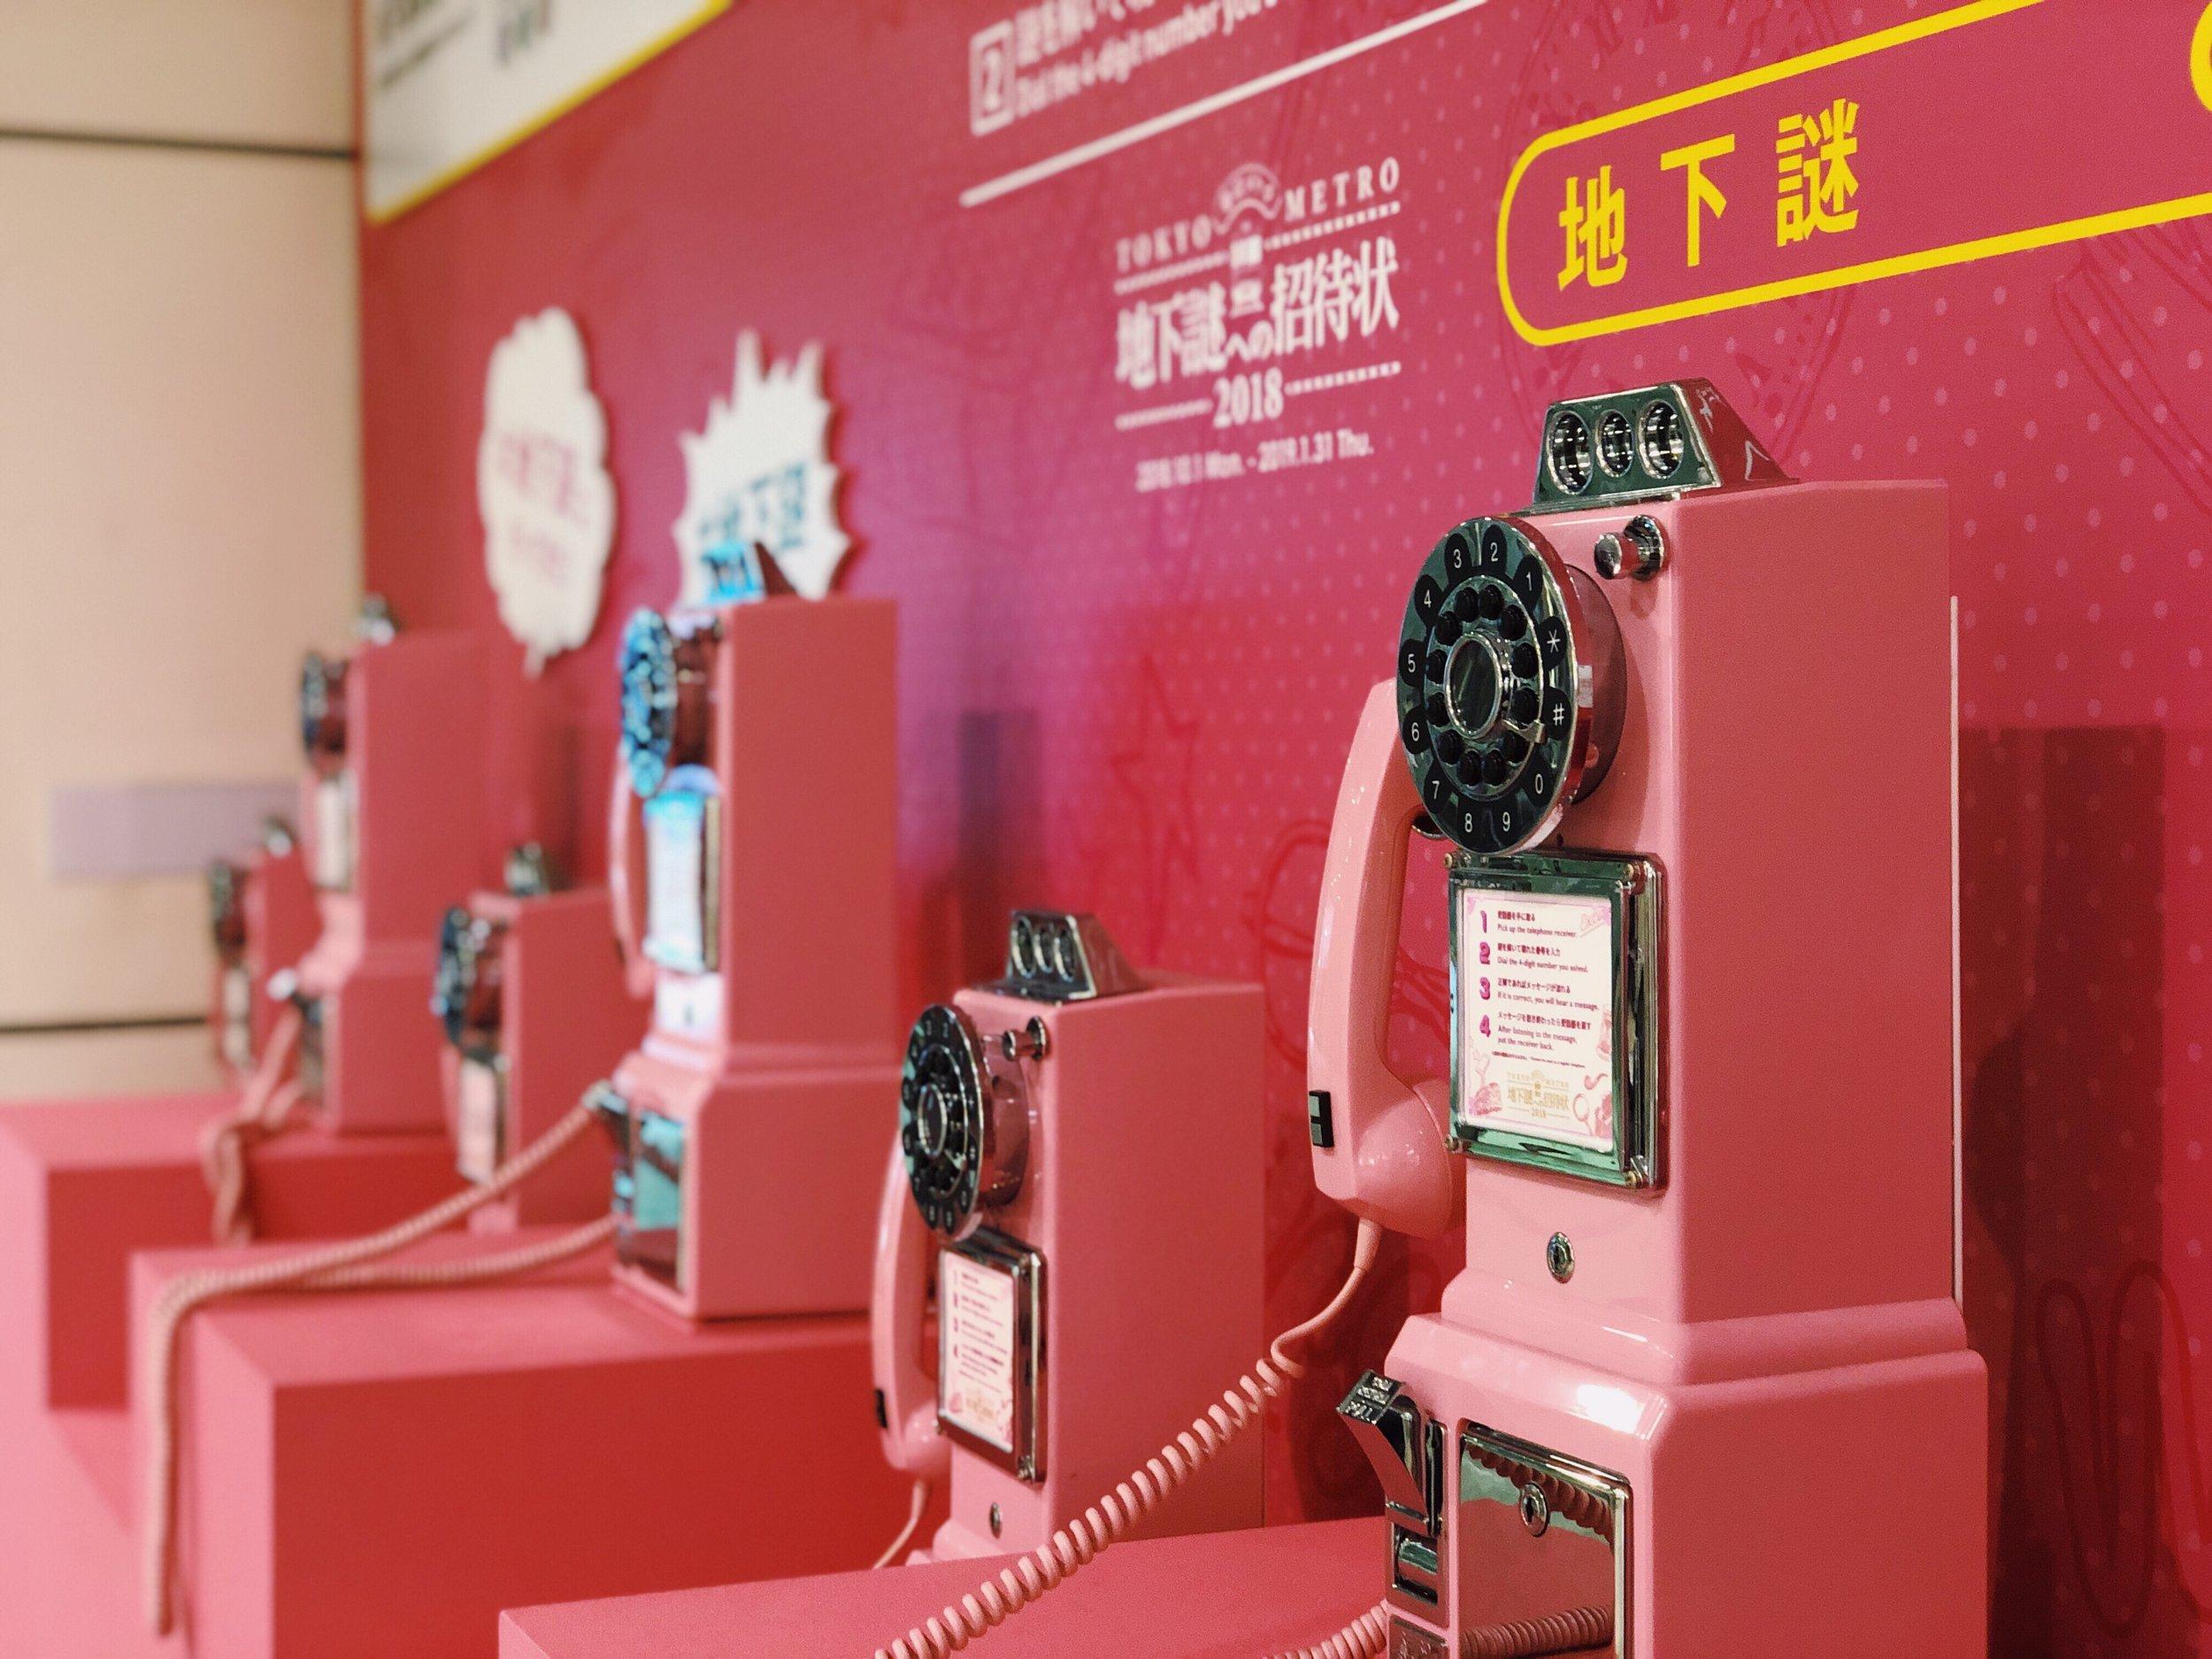 不只提供紙本素材,還有於某個站設「電話亭」,當然這電話亭不只是打出去,還有很多你想不到的解謎方式。